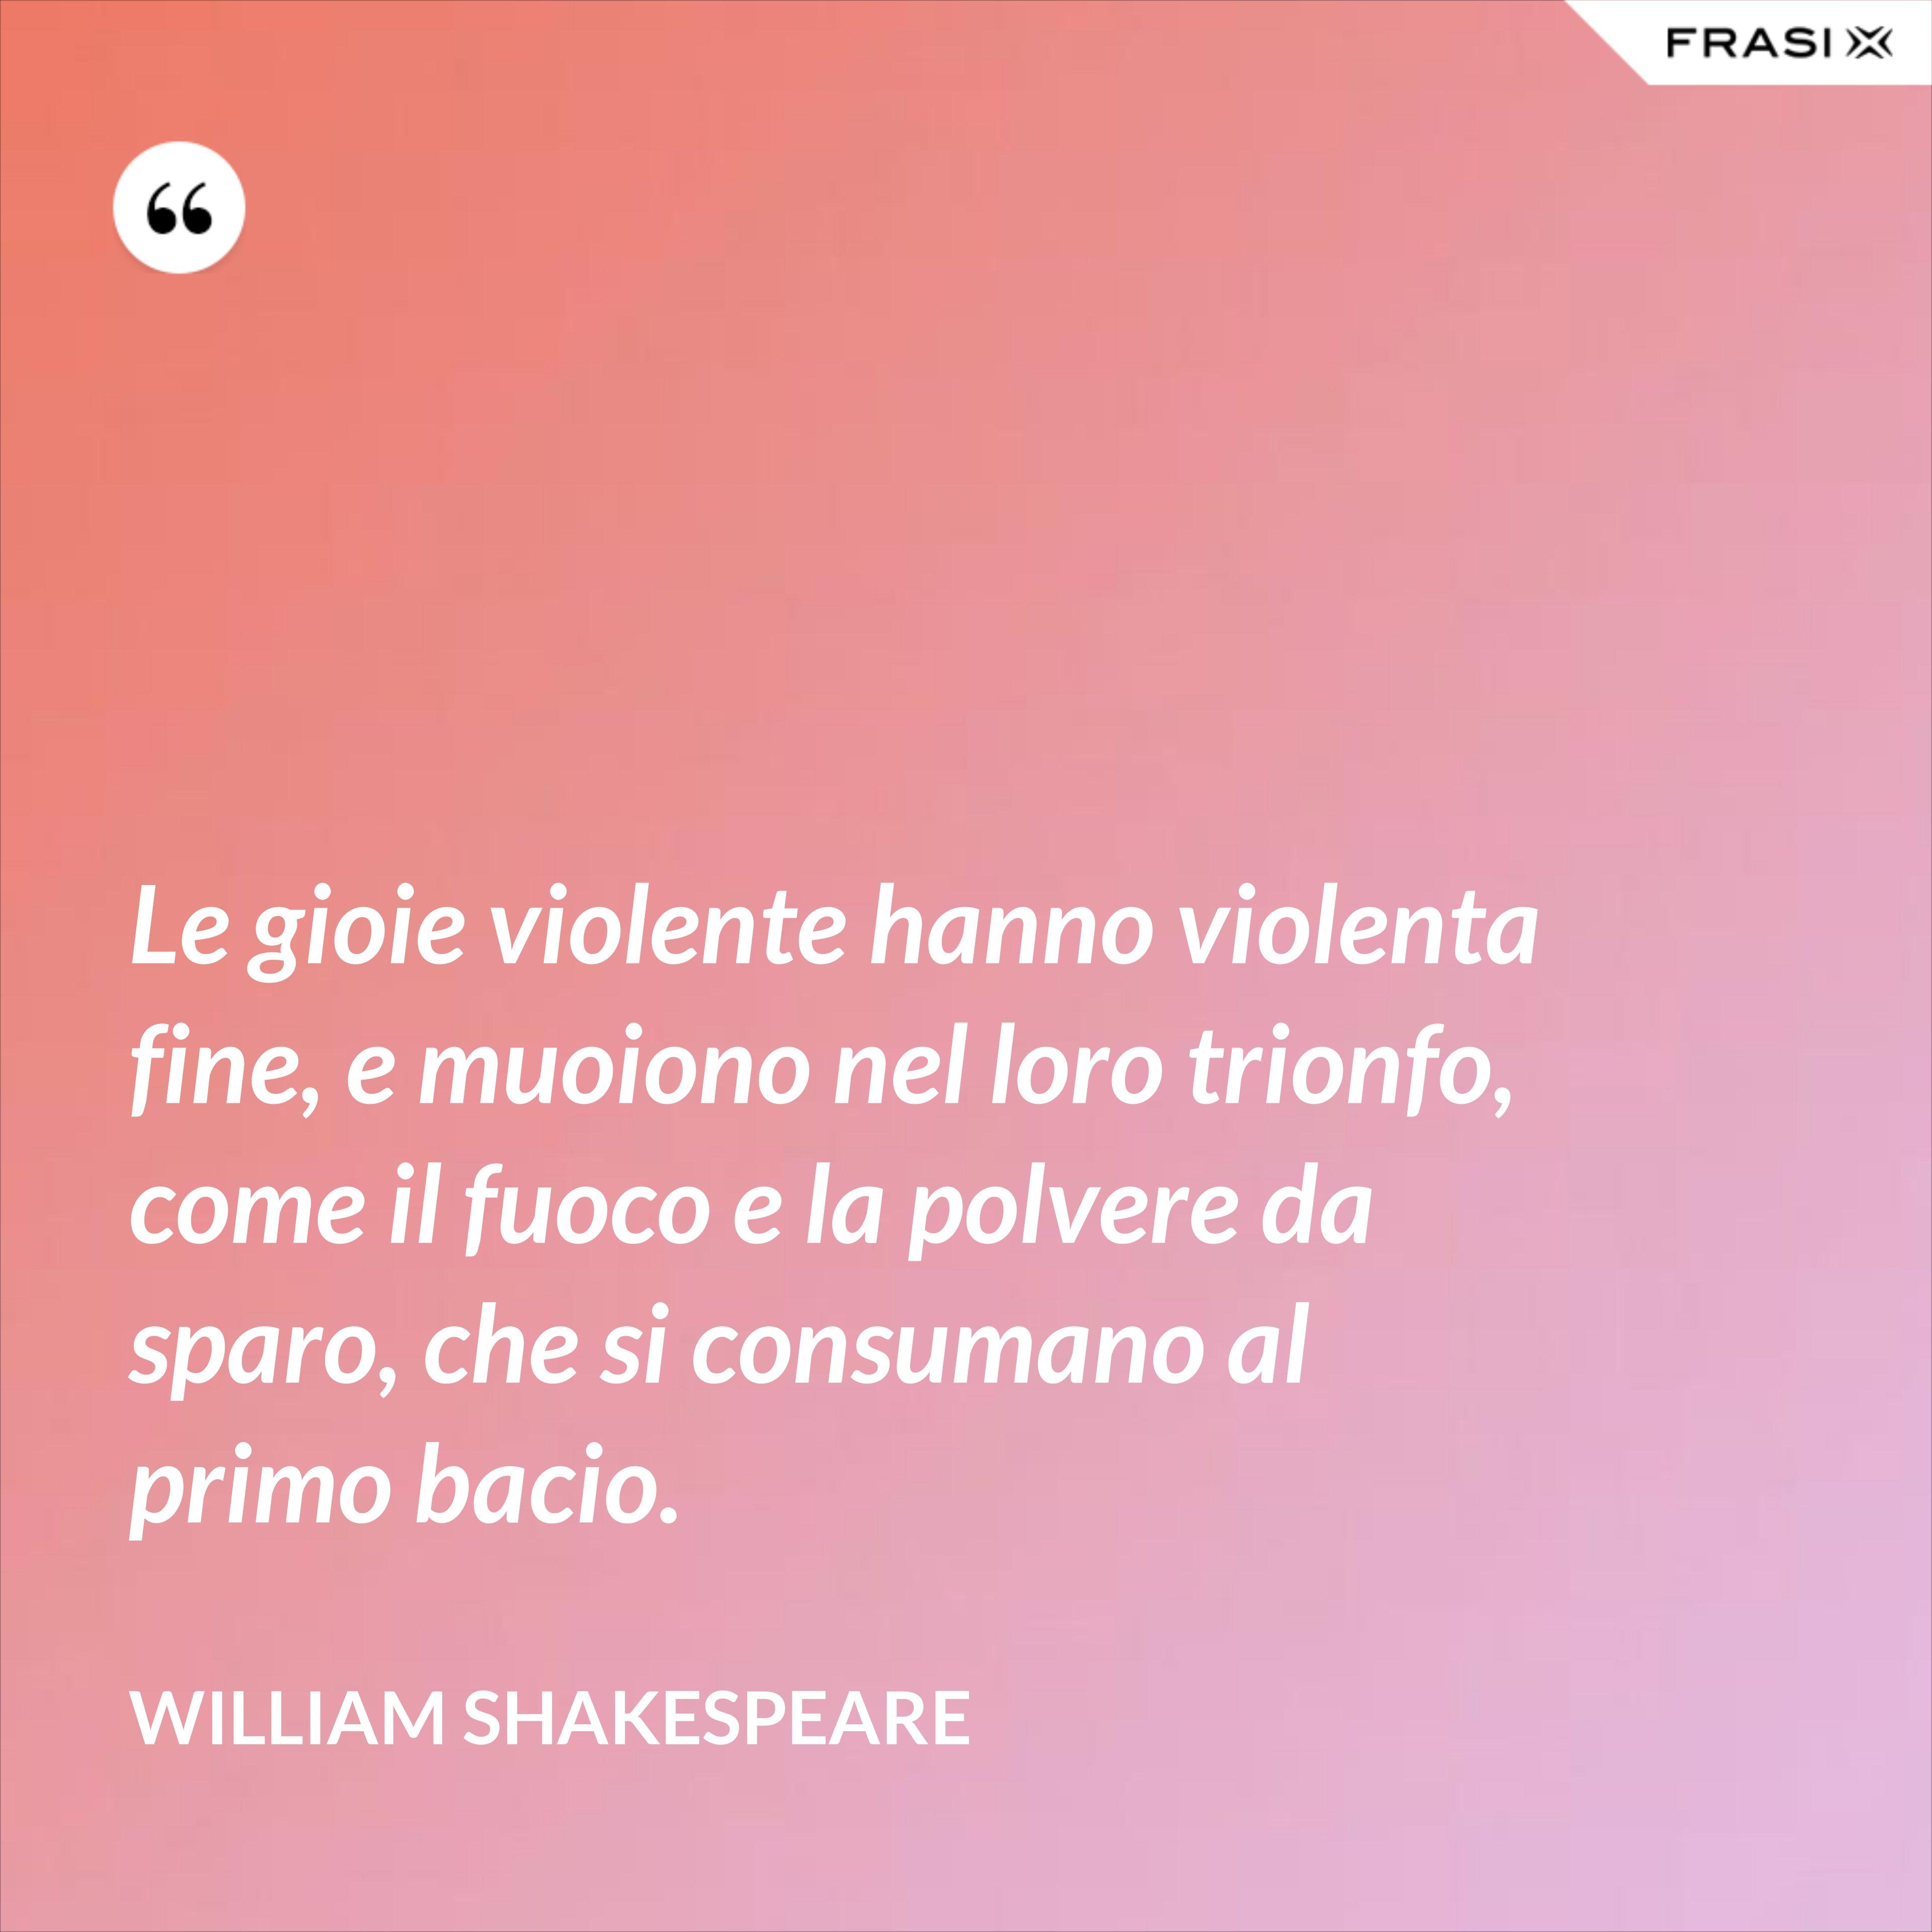 Le gioie violente hanno violenta fine, e muoiono nel loro trionfo, come il fuoco e la polvere da sparo, che si consumano al primo bacio. - William Shakespeare